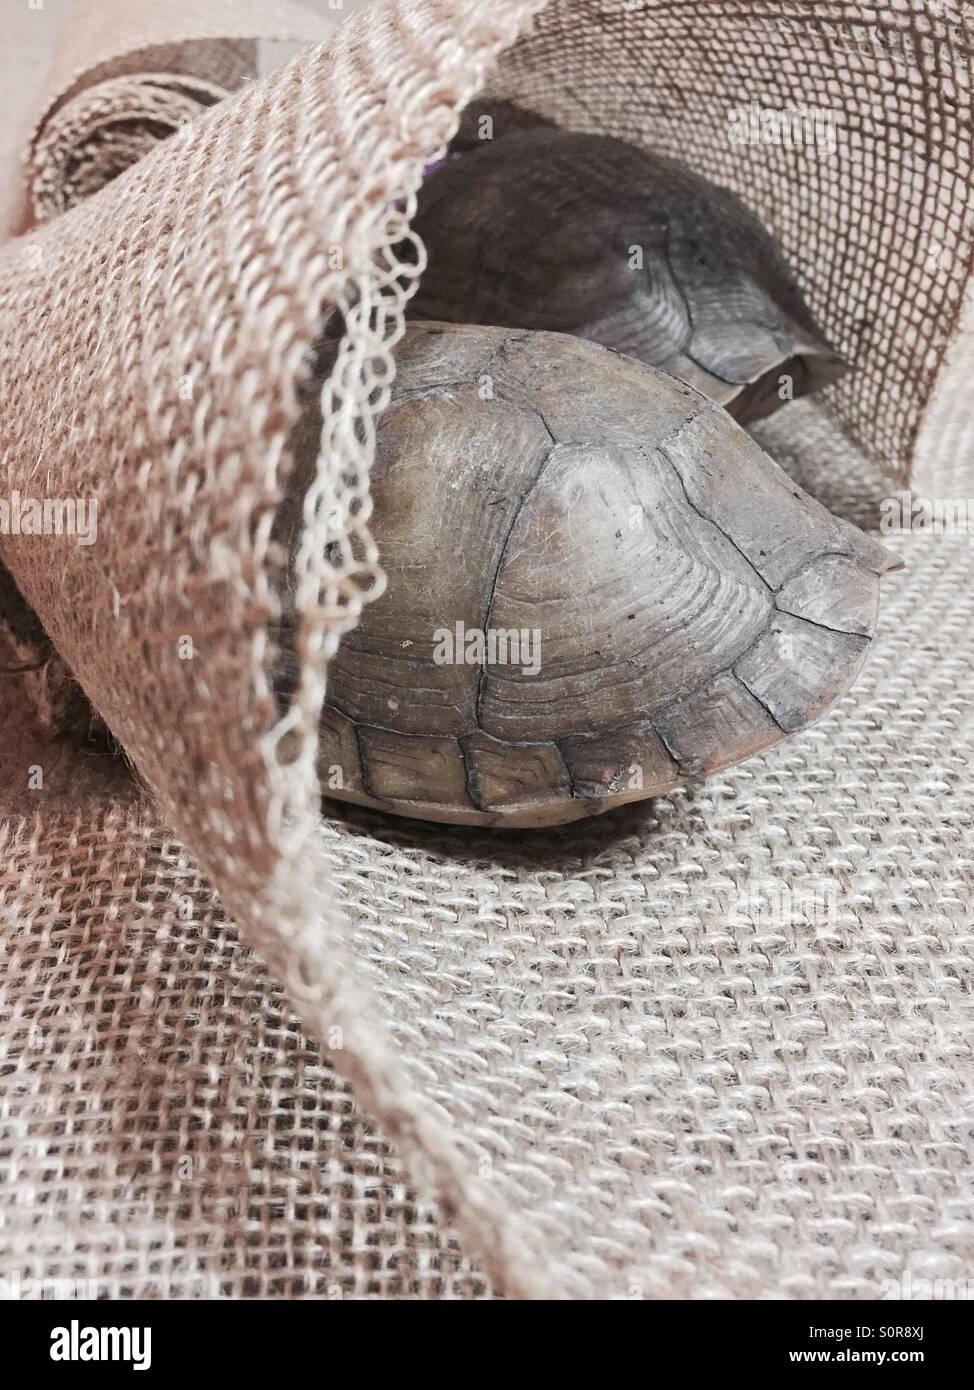 Siesta de tortuga Imagen De Stock